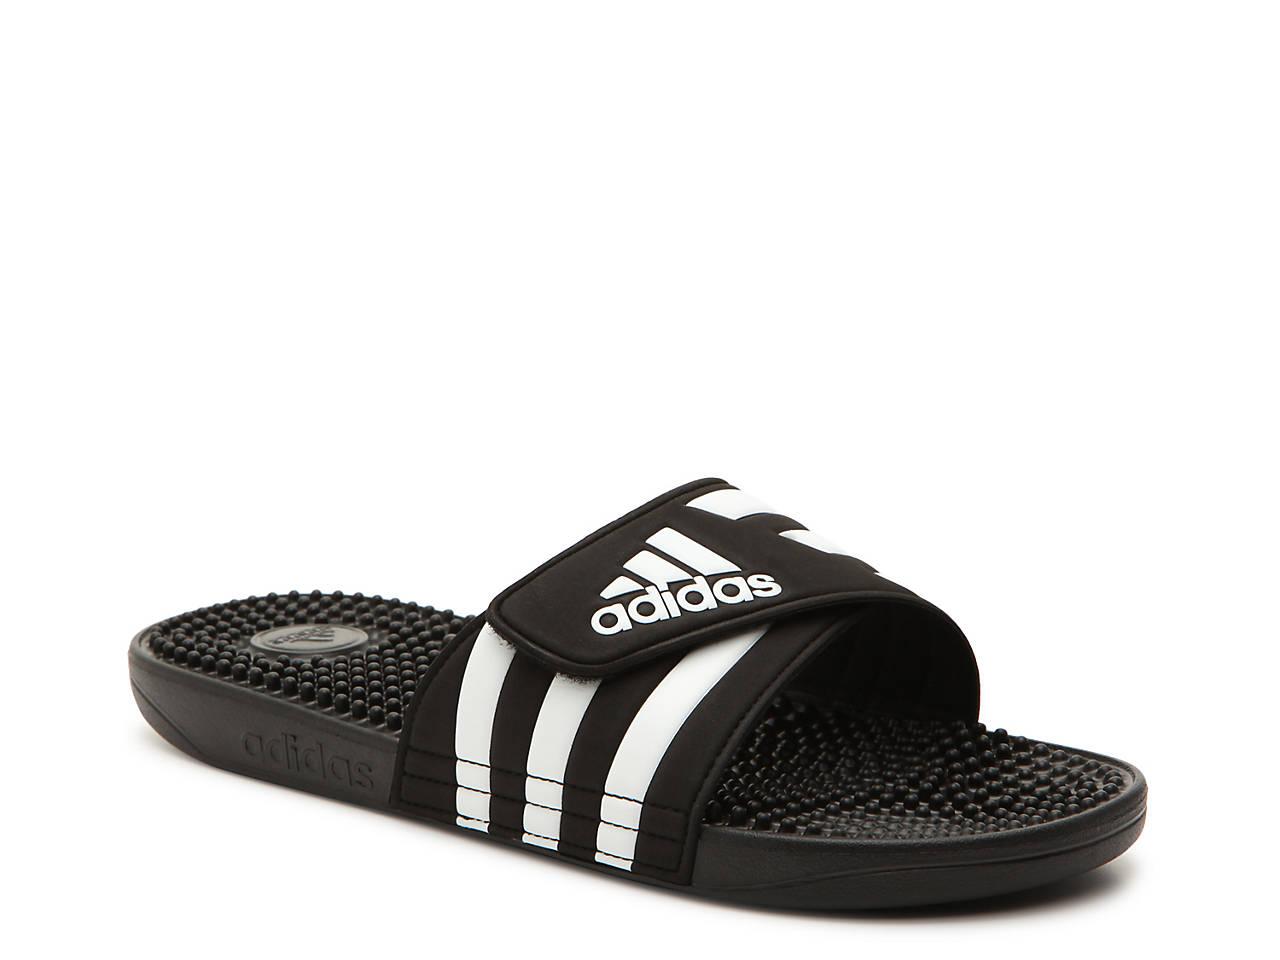 sports shoes f849d 23fc2 adidas Adissage Slide Sandal - Men s Men s Shoes   DSW